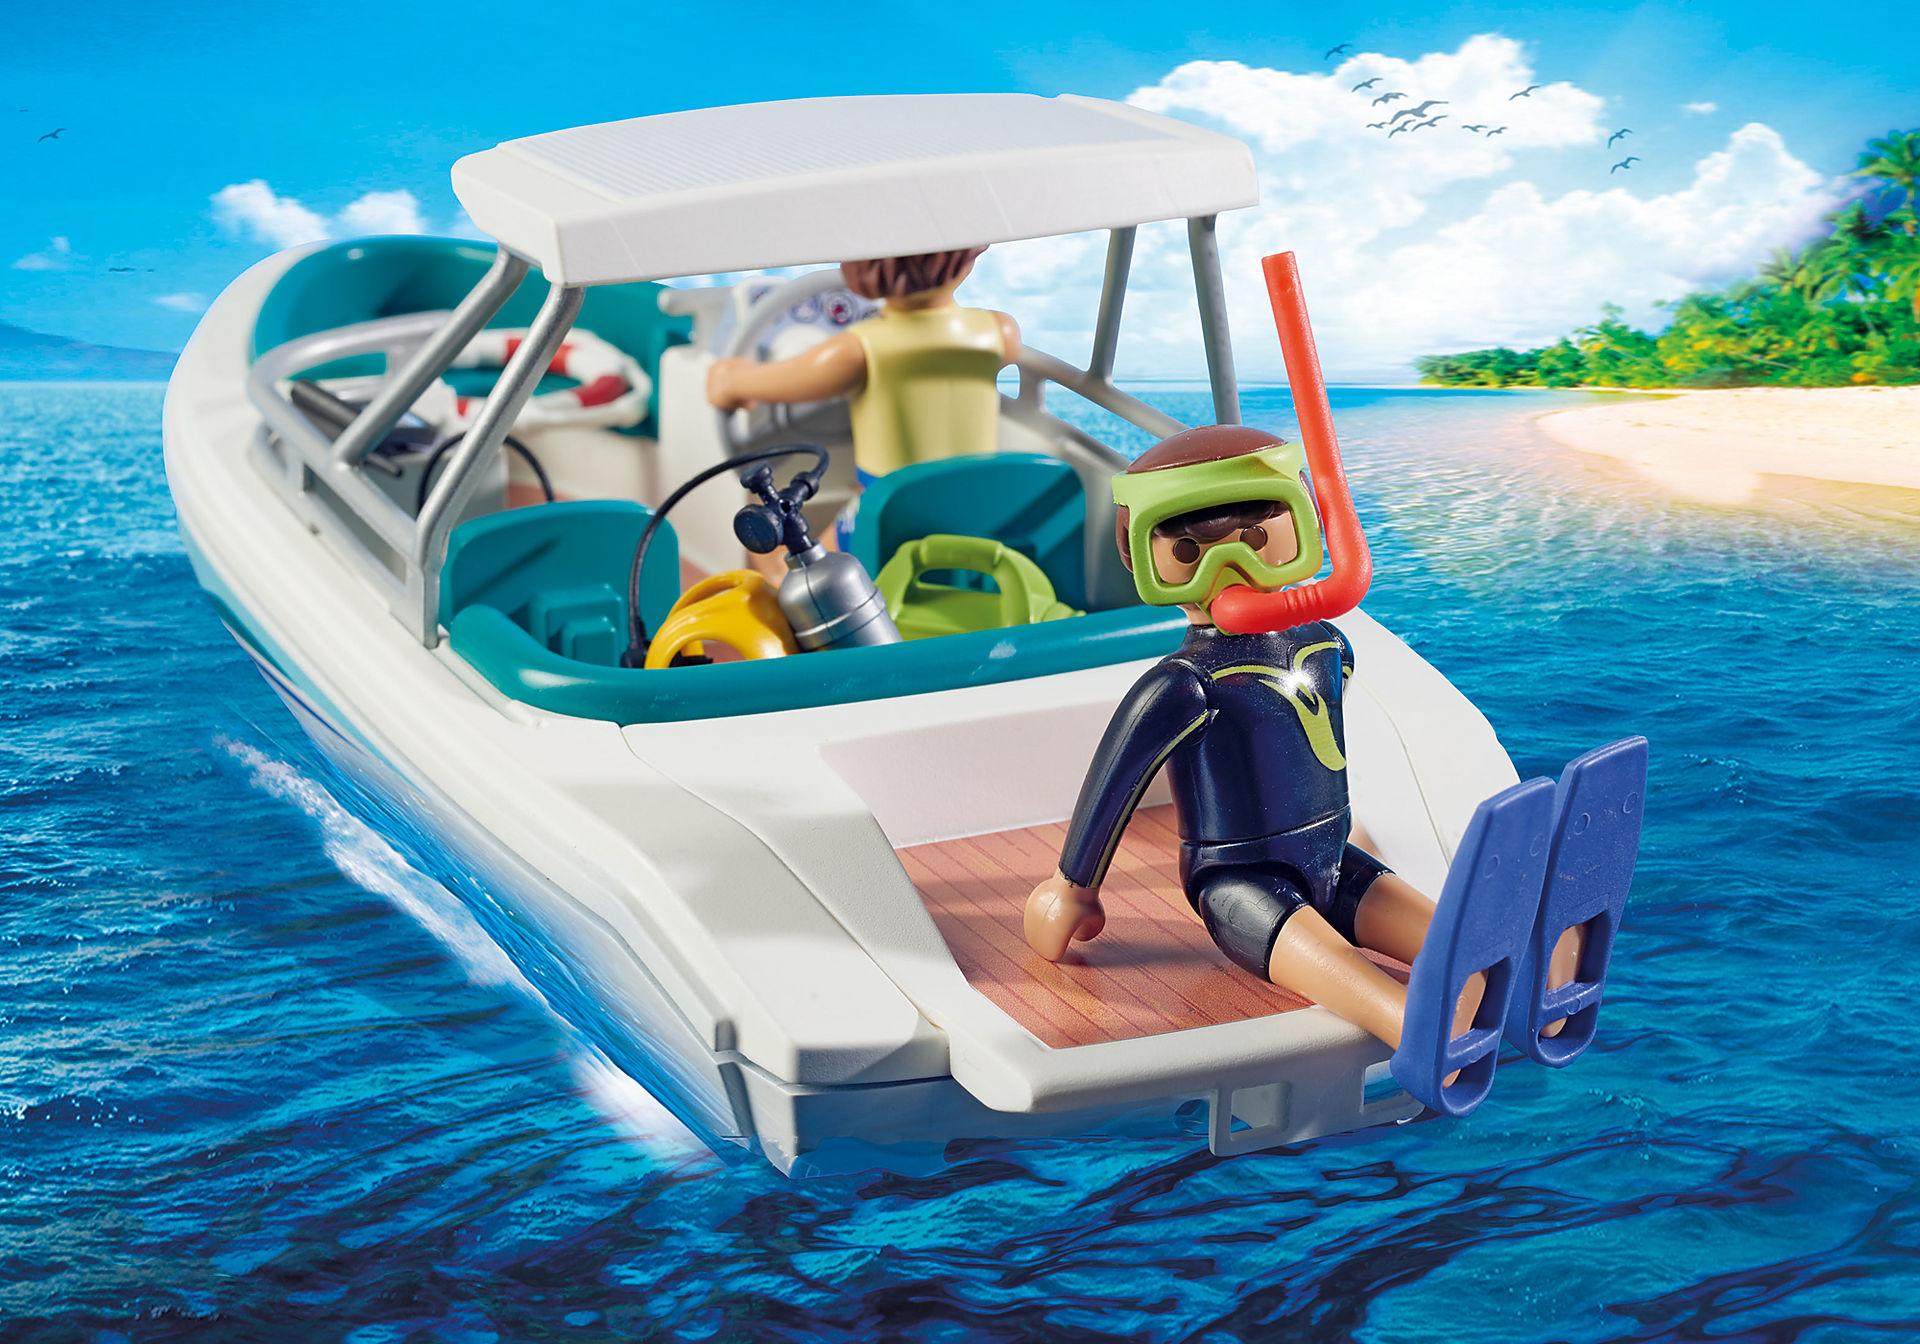 http://media.playmobil.com/i/playmobil/6981_product_extra1/Nurkowie z motorówką